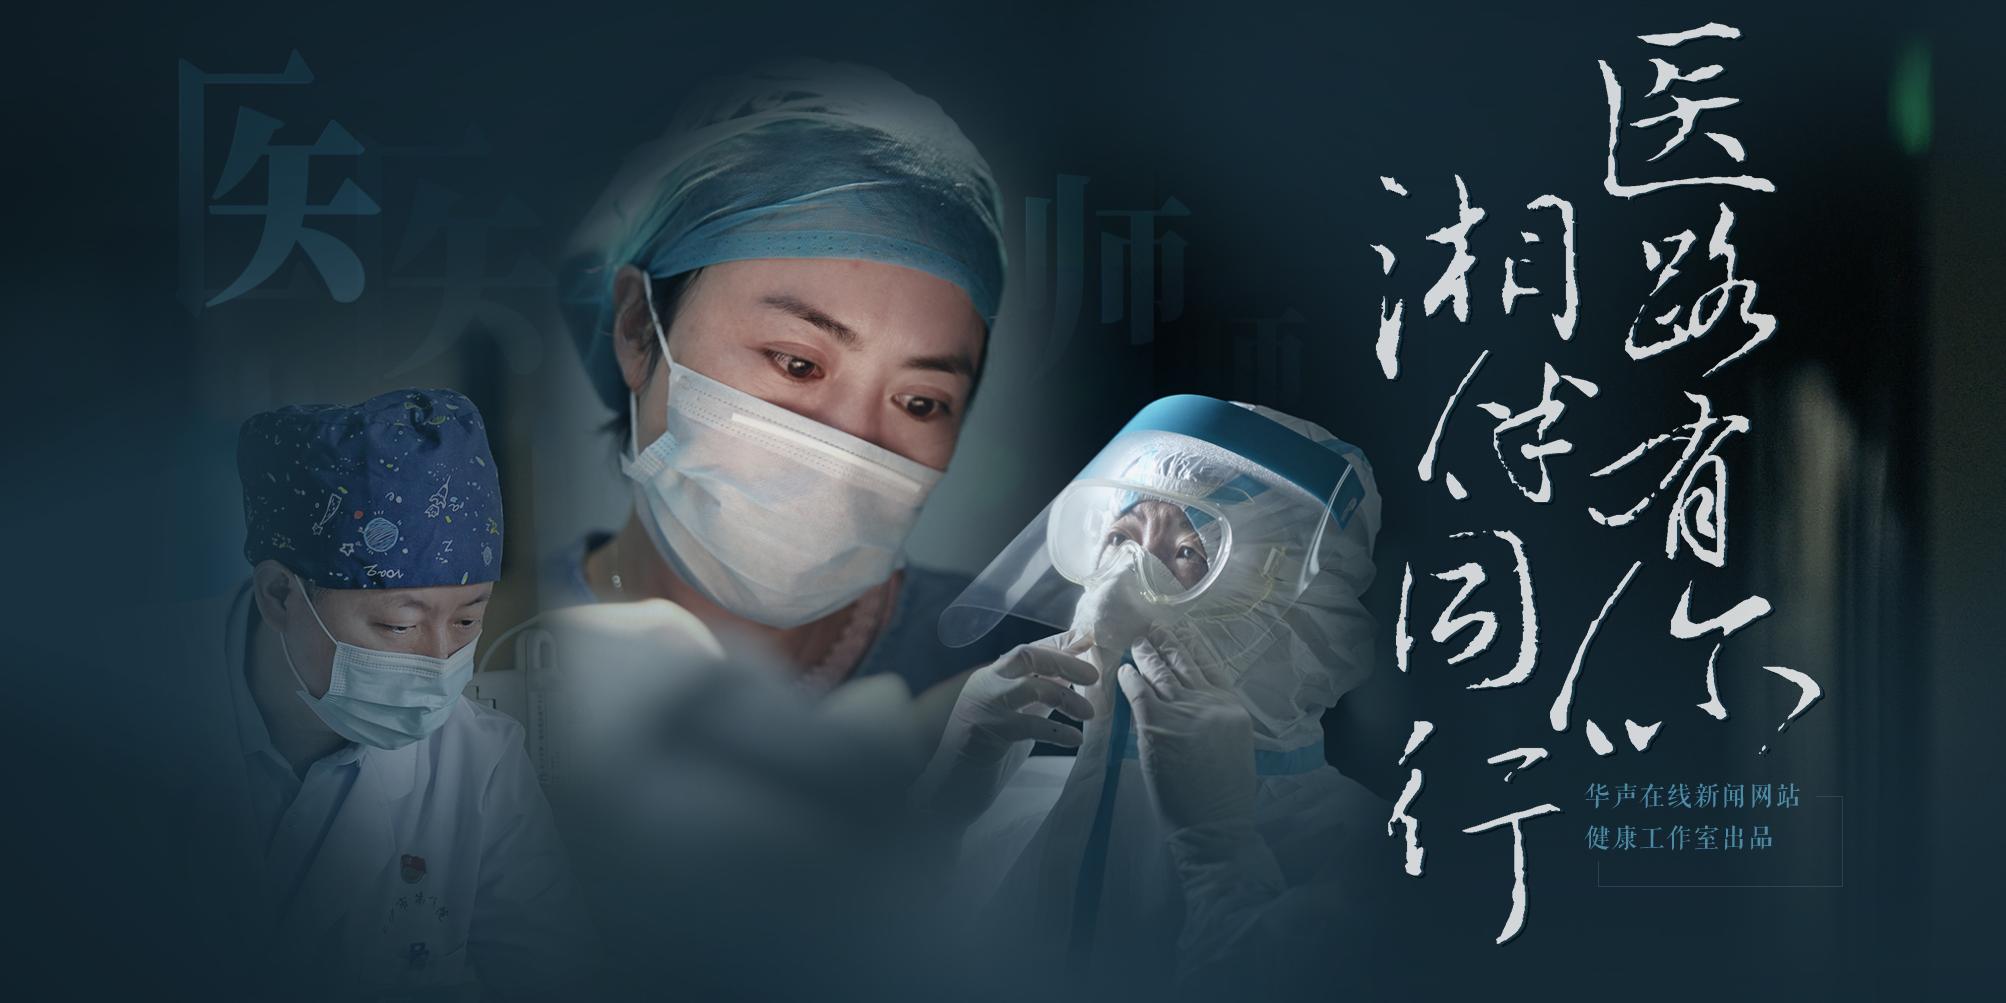 【专题】医路有你 湘伴同行